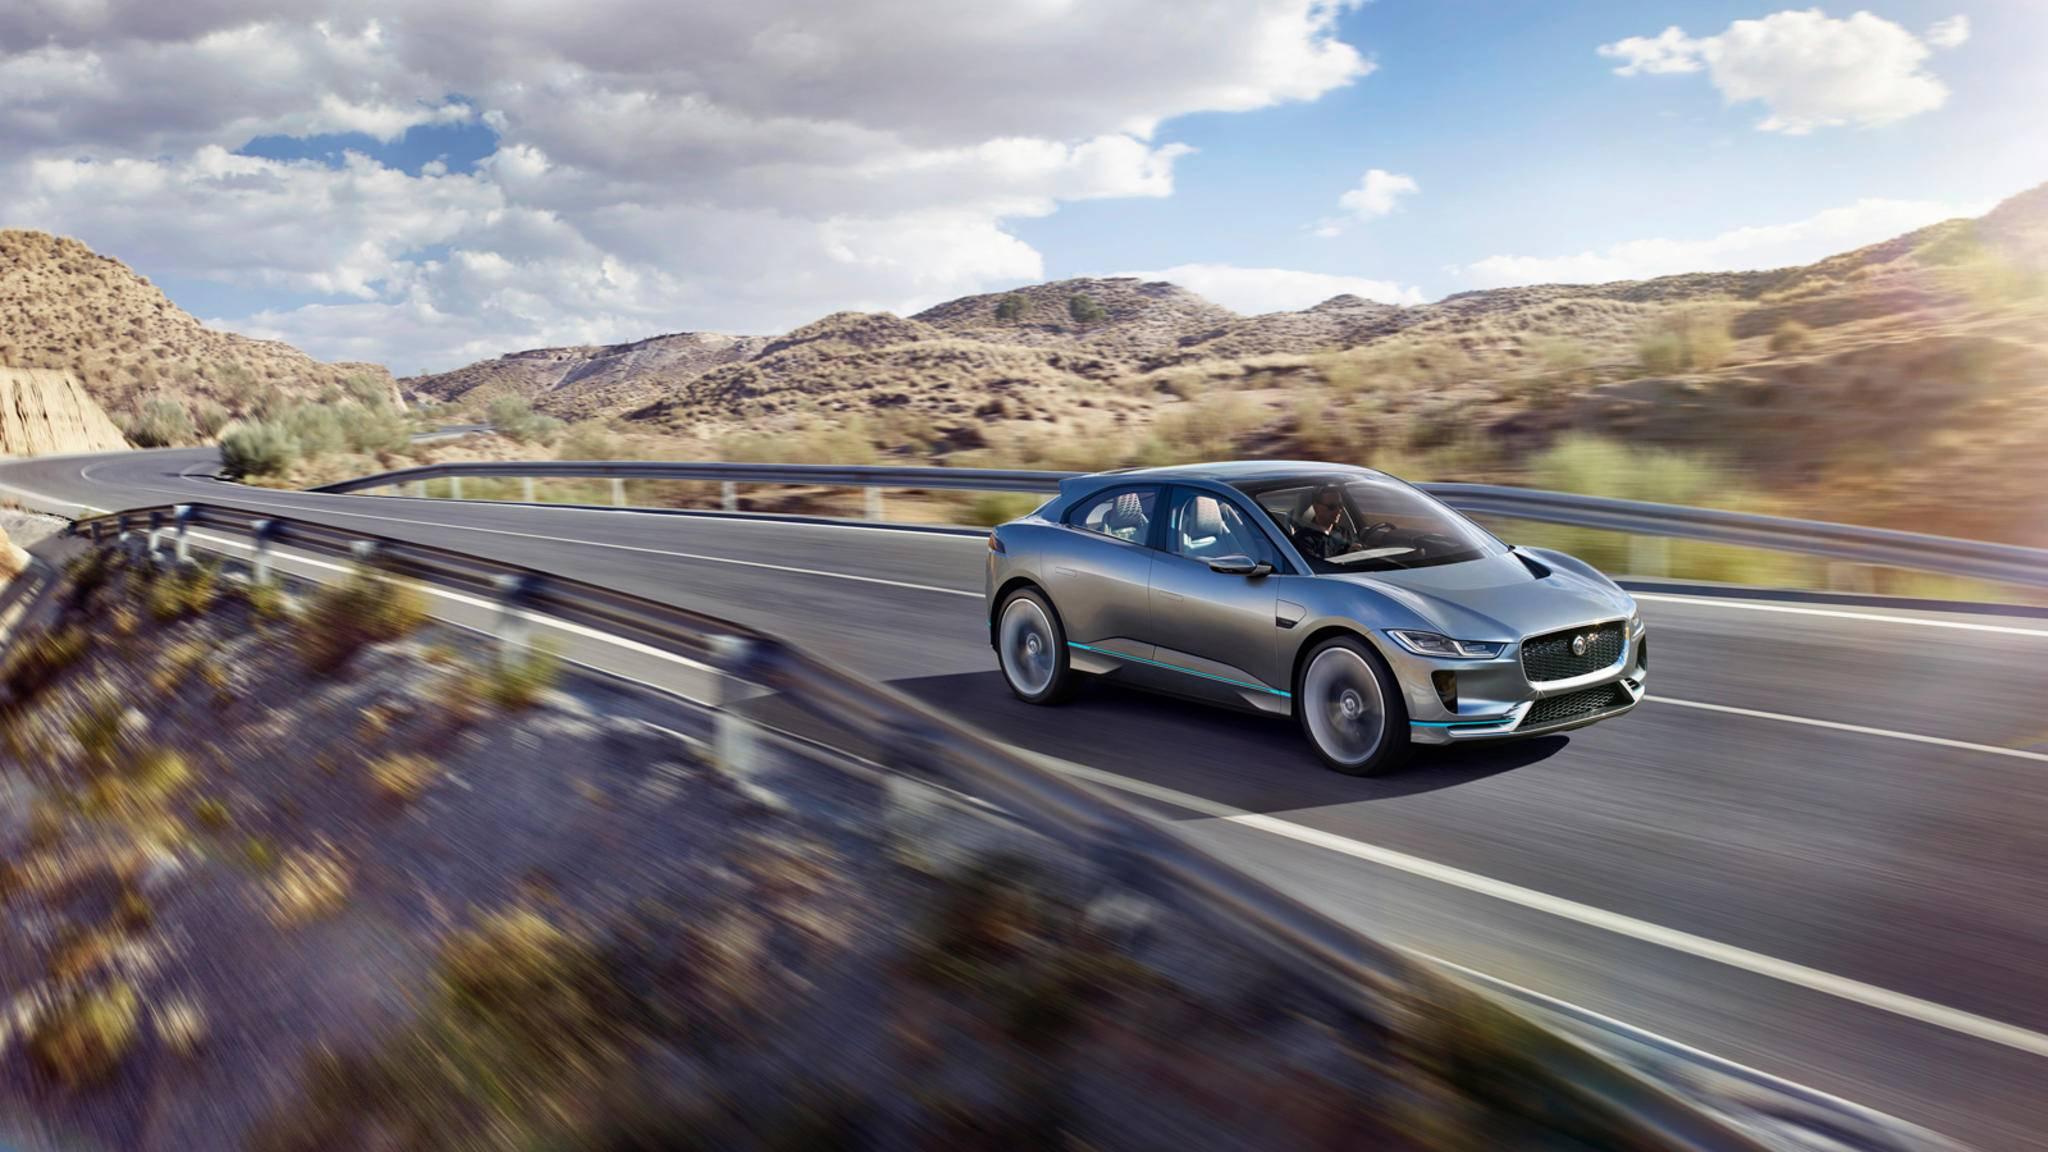 Da kommt was auf uns zu: Jaguars erstes Elektroauto I-PACE setzt neue Maßstäbe für Autopräsentationen.